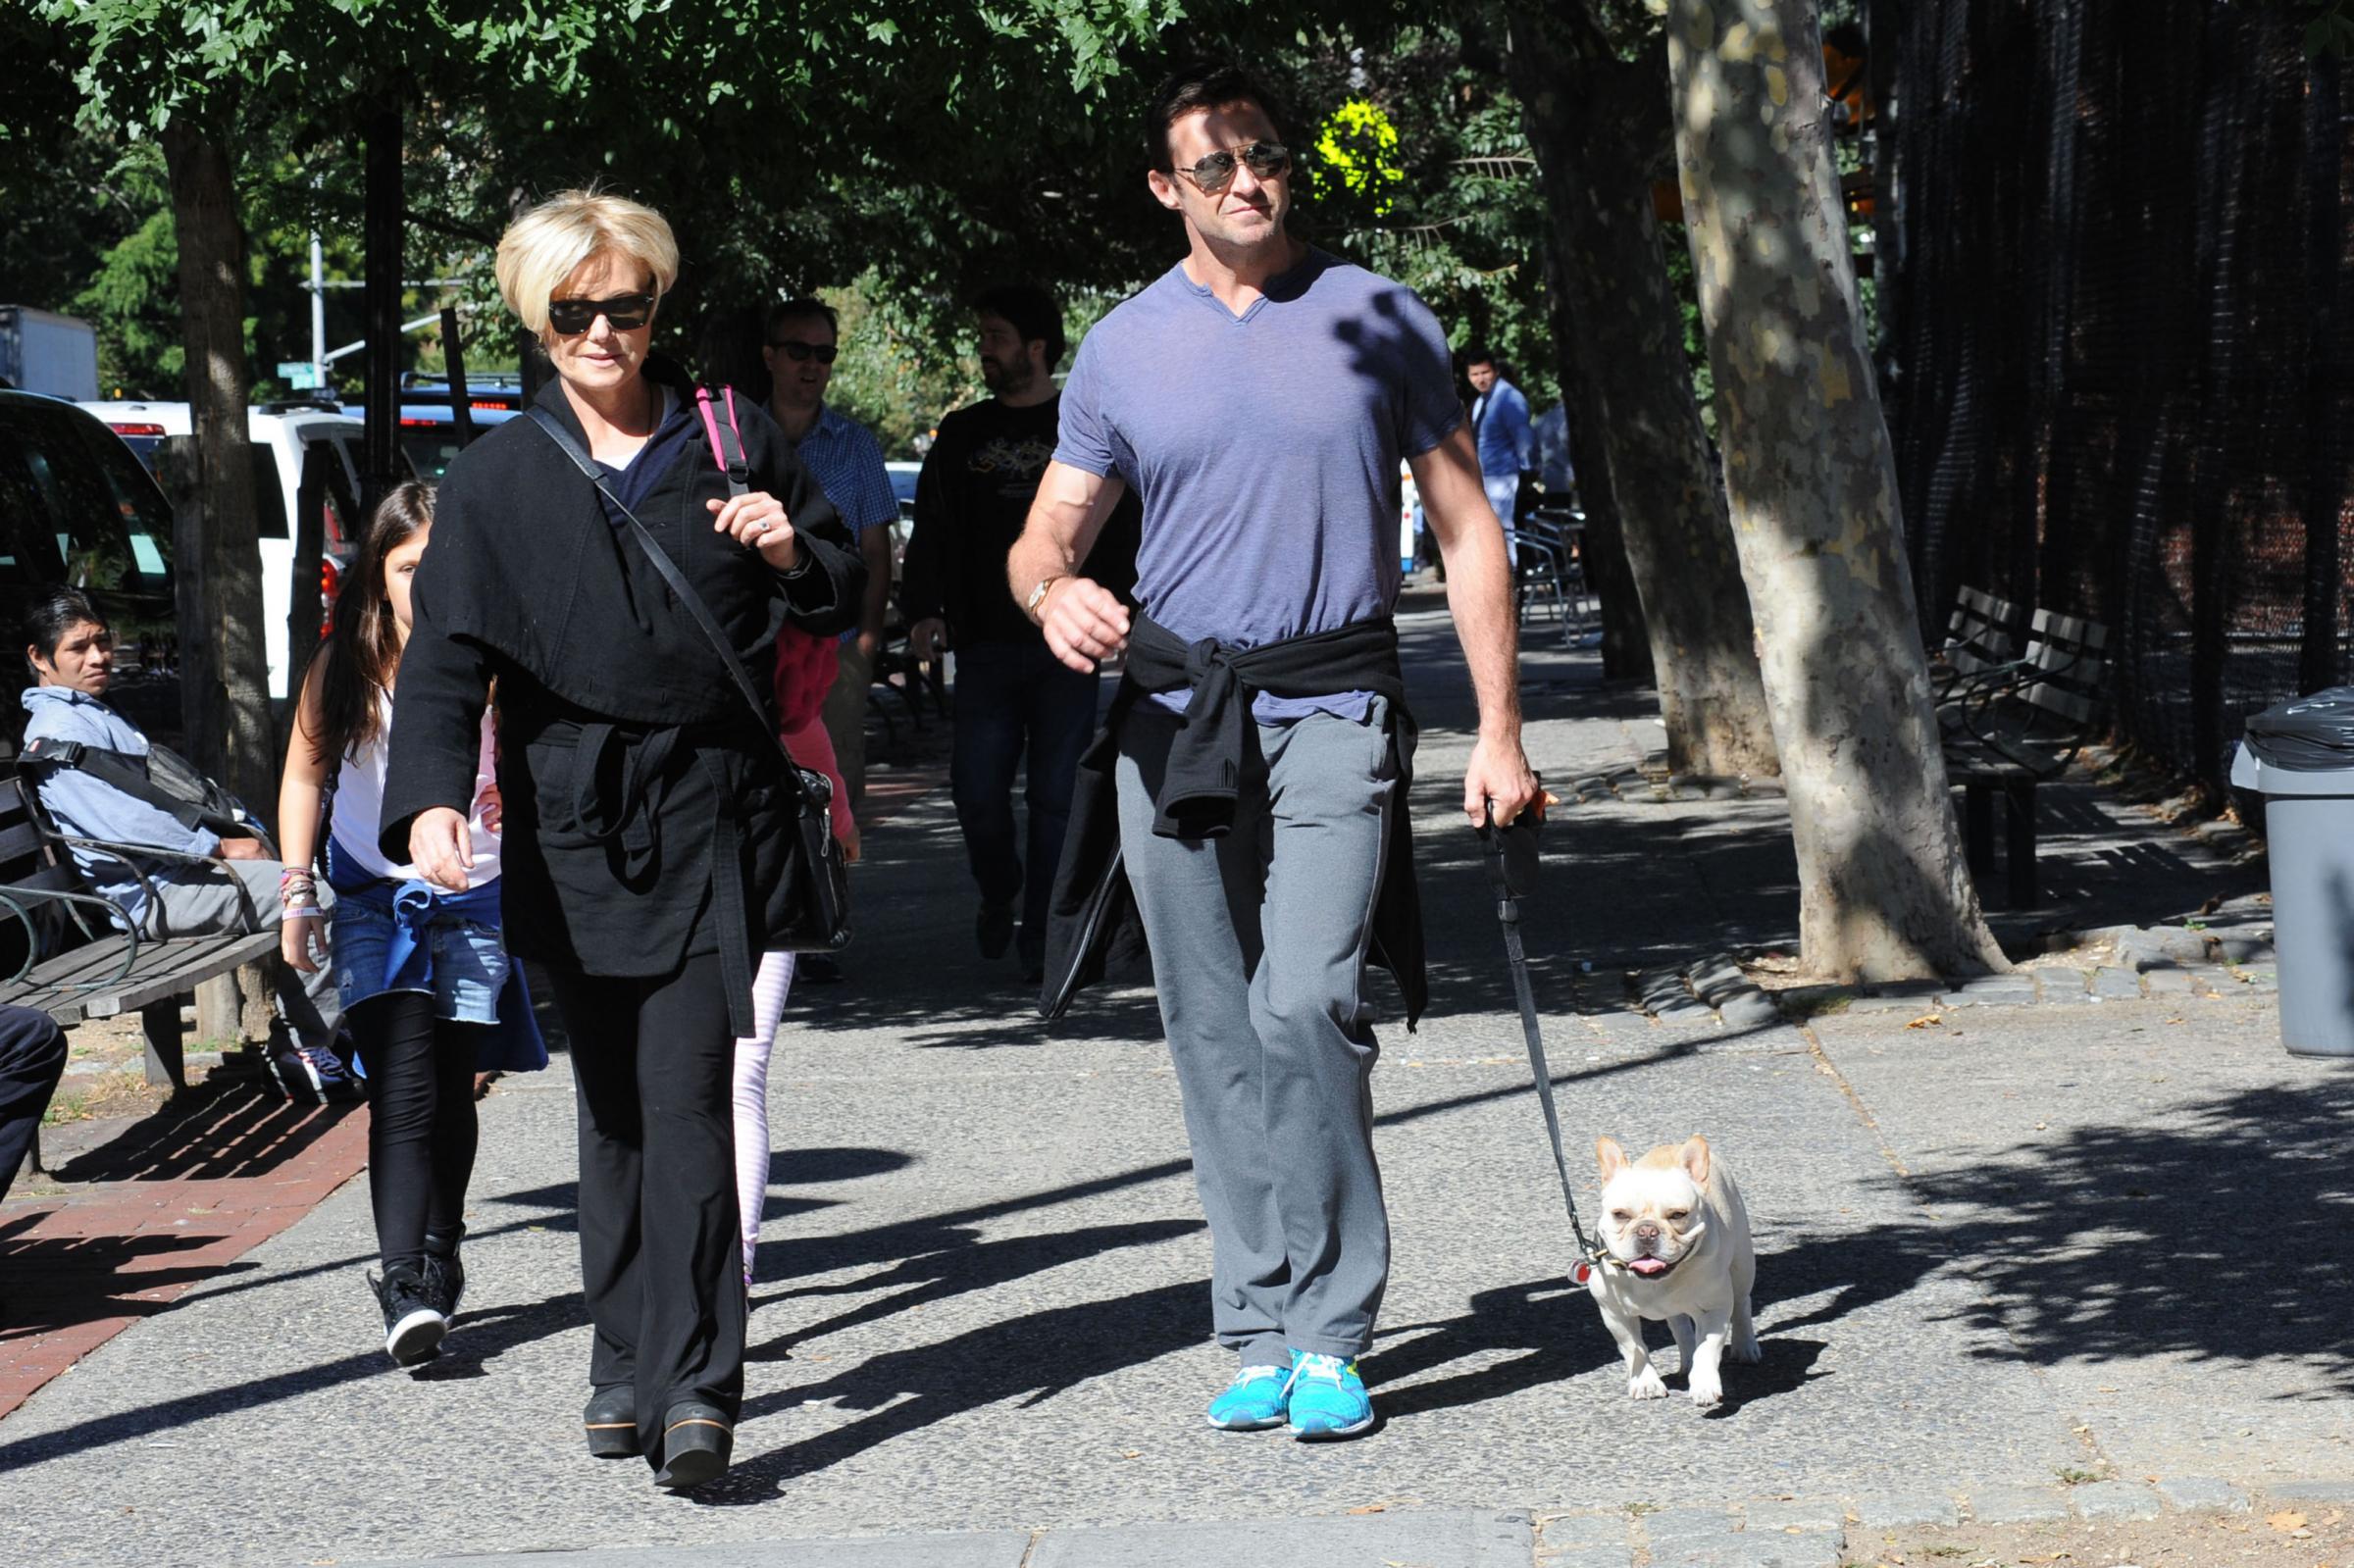 Hugh Jackman con la moglie e il cane, subito dopo footing